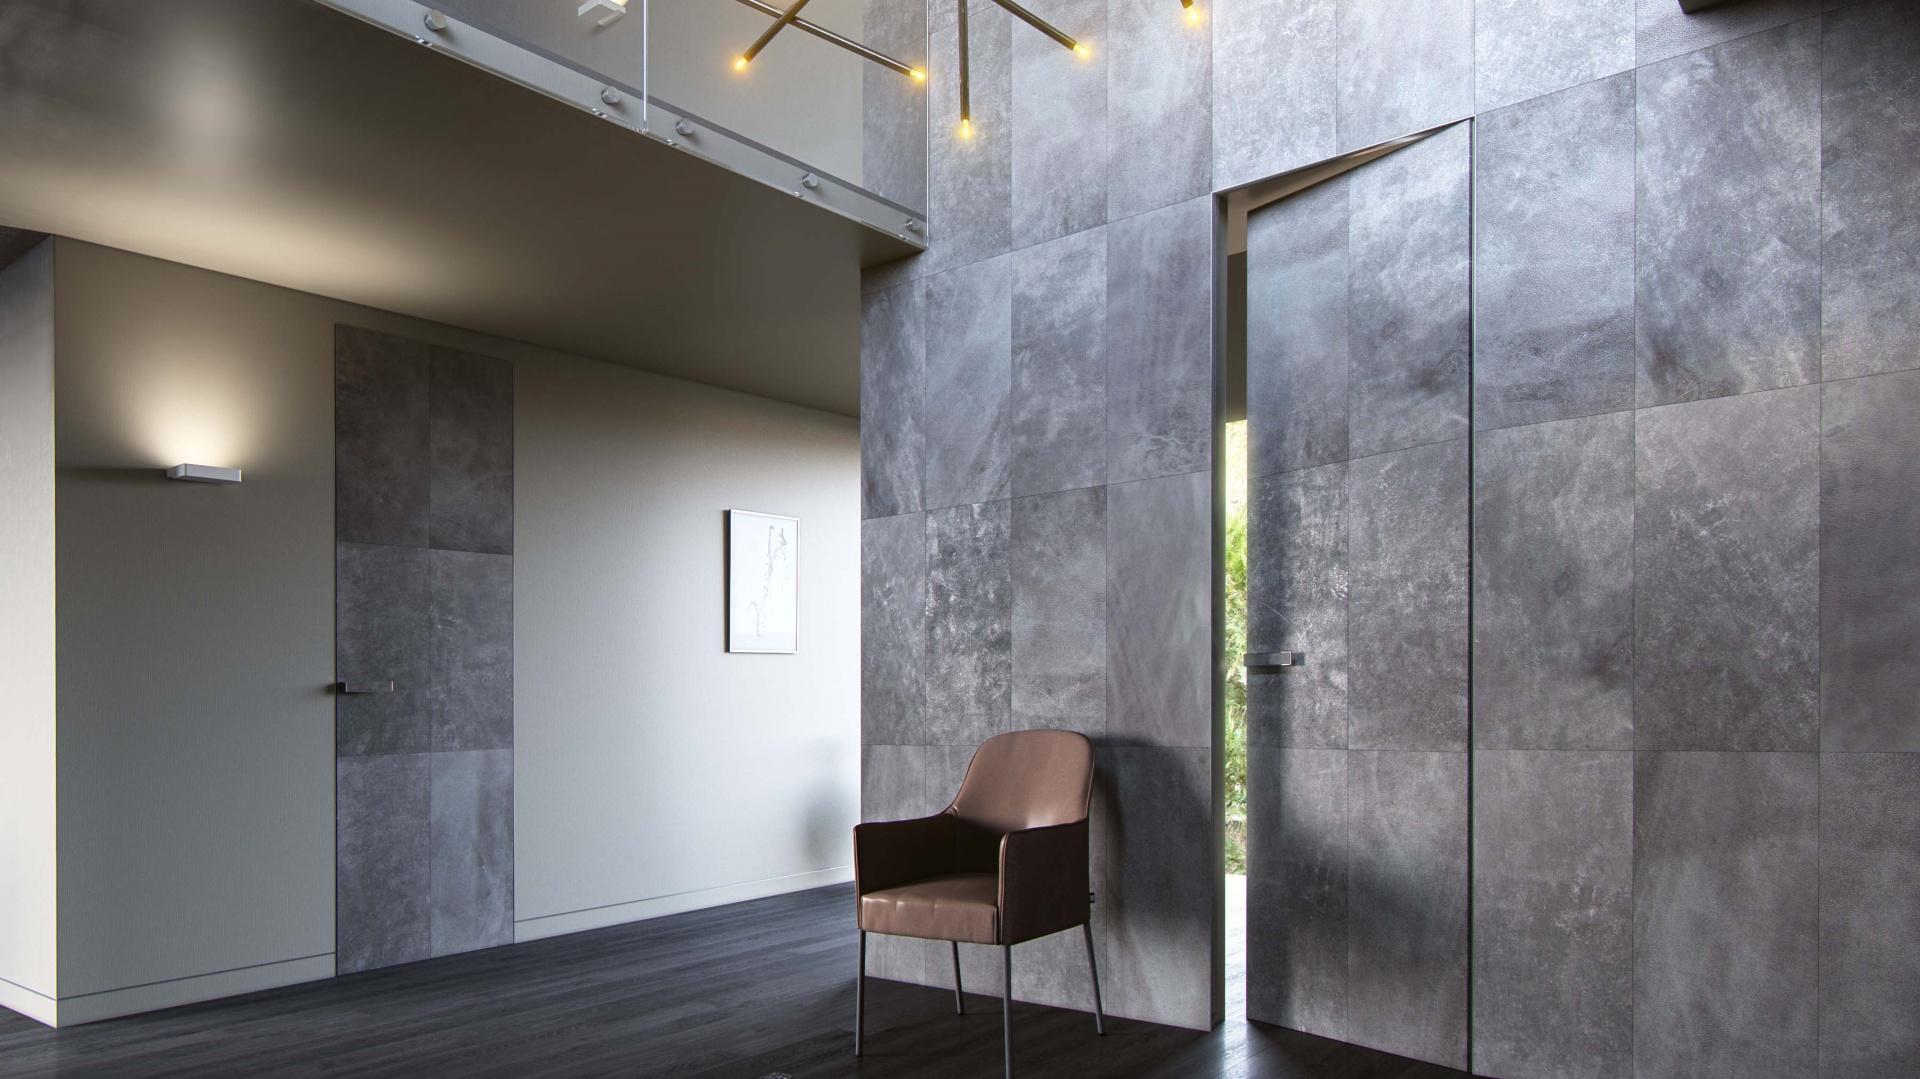 Wzory o nazwach Modern i Graf z serii Aluminium Line Skóra, stanowią współczesną interpretację głównych tez projektowych okresu międzywojennego.  Fot. Materiały prasowe